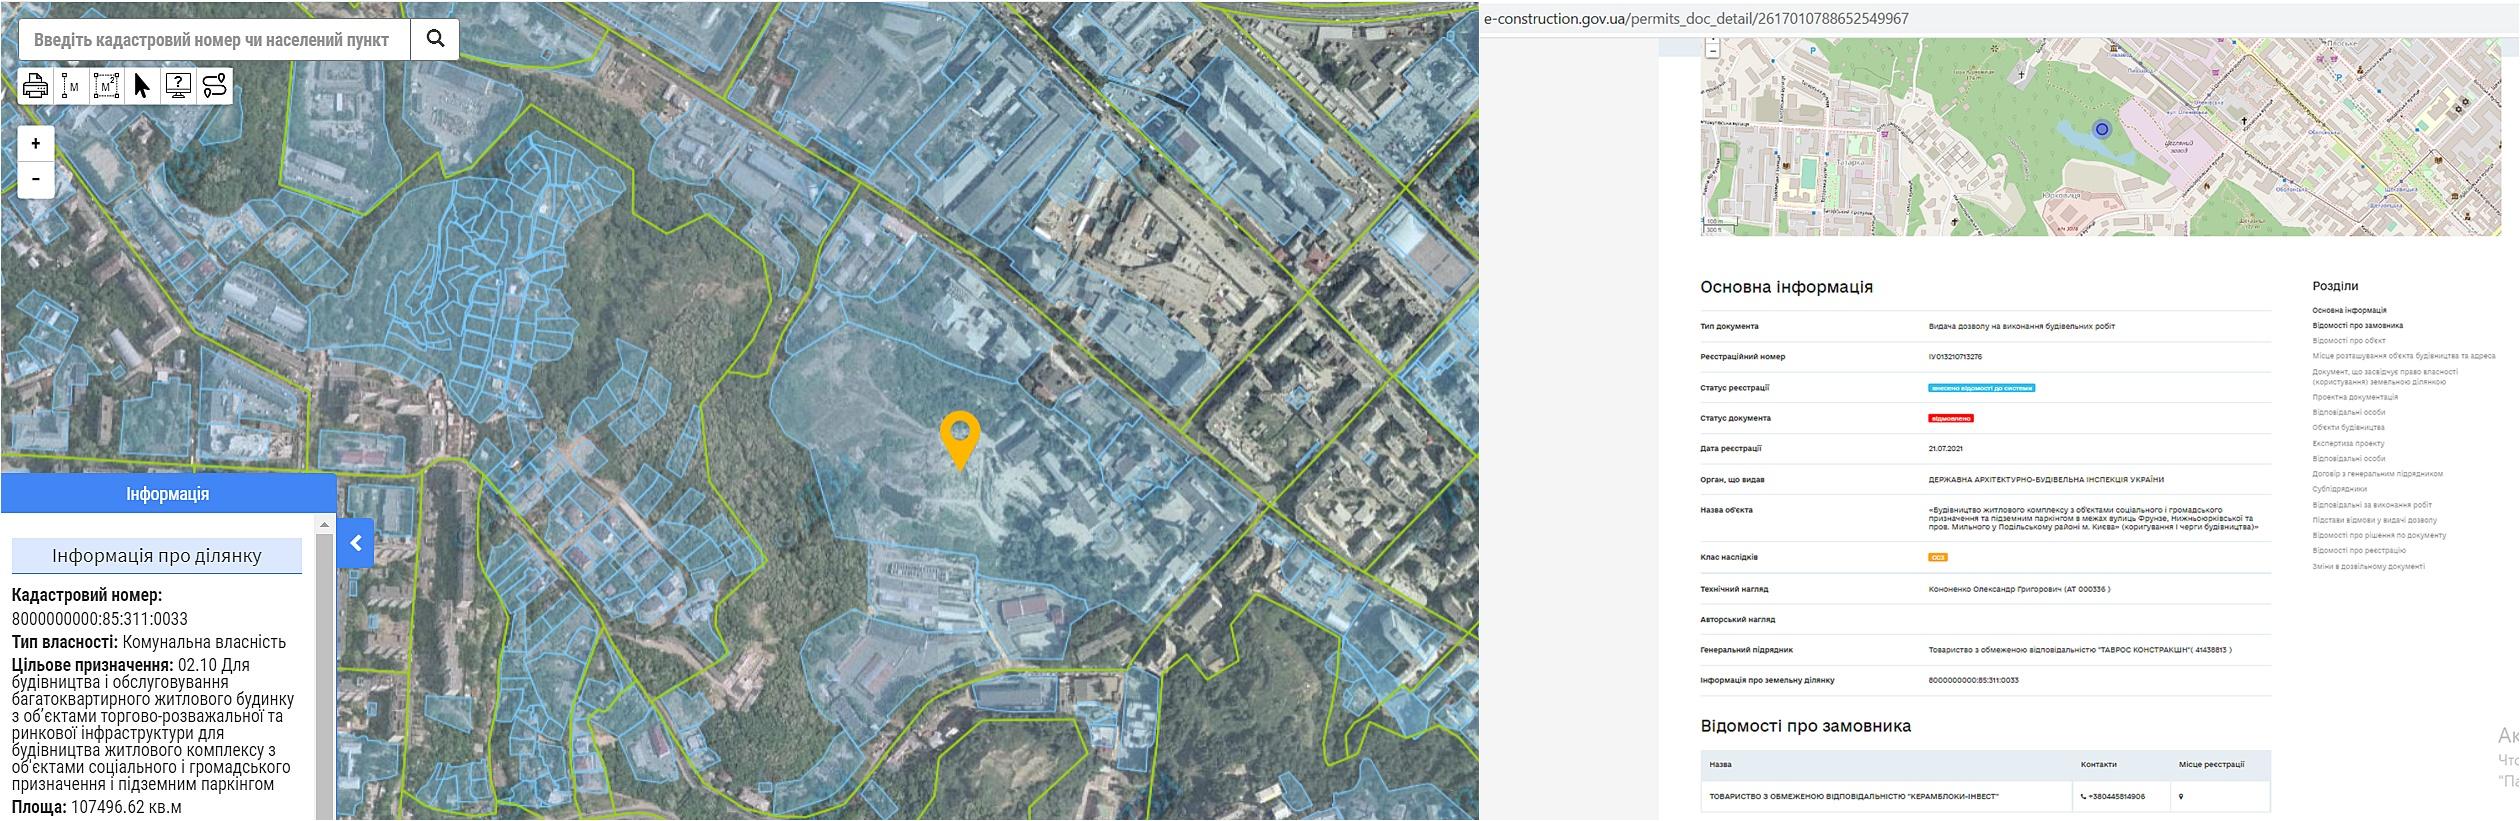 Строительство между улицами Нижнеюрковская и Мыльный переулок данные кадастра и разрешение на строительство